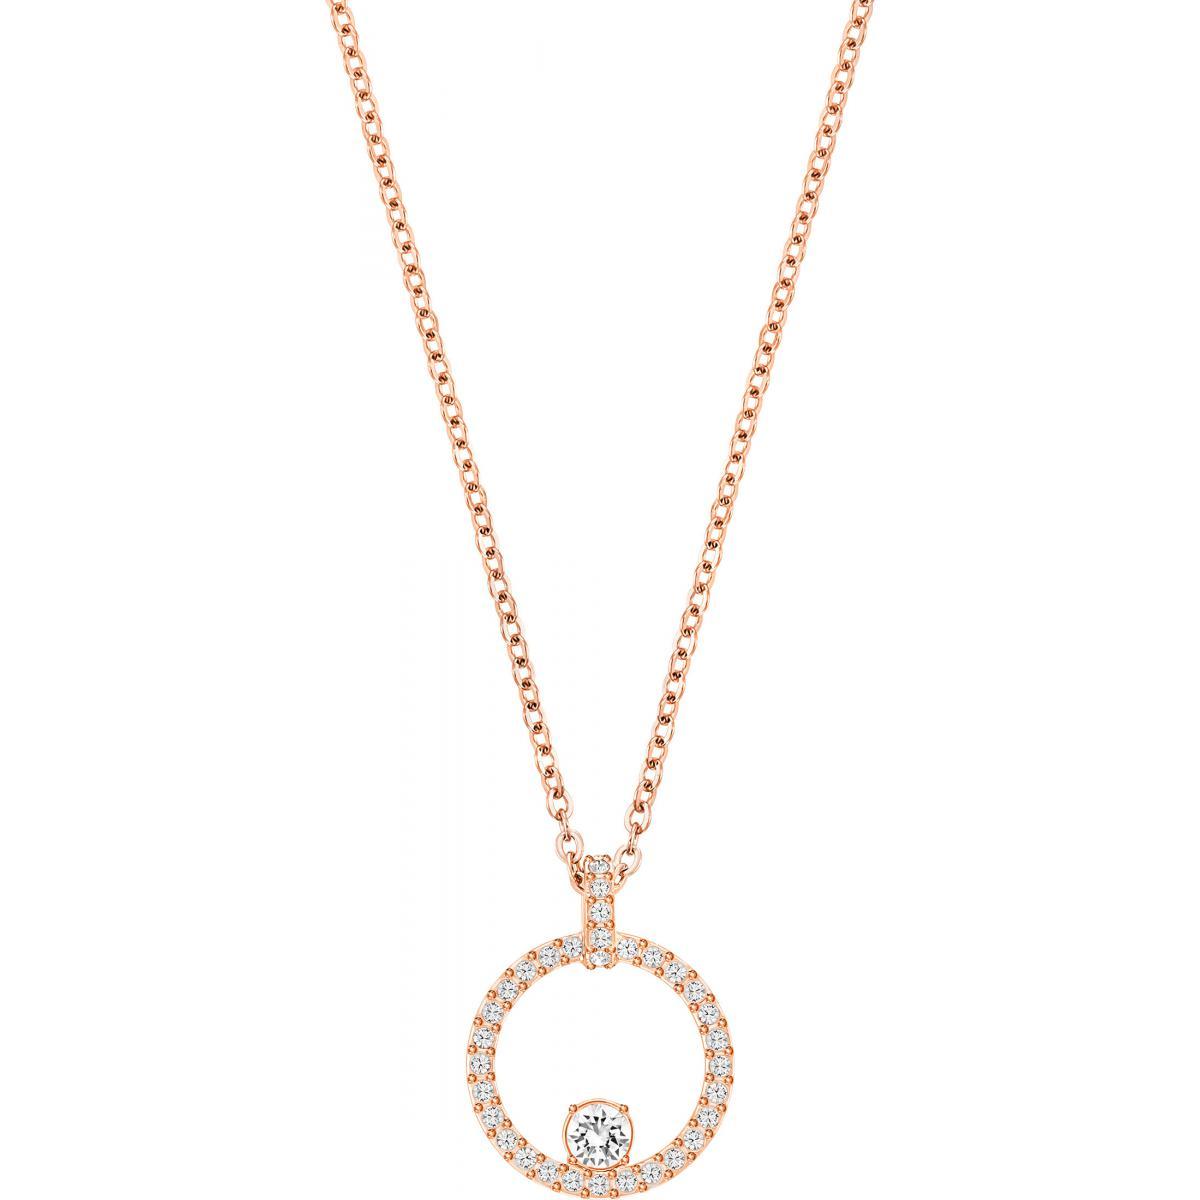 Collier et pendentif Swarovski 5202446 - Collier et pendentif Rond Doré  Femme